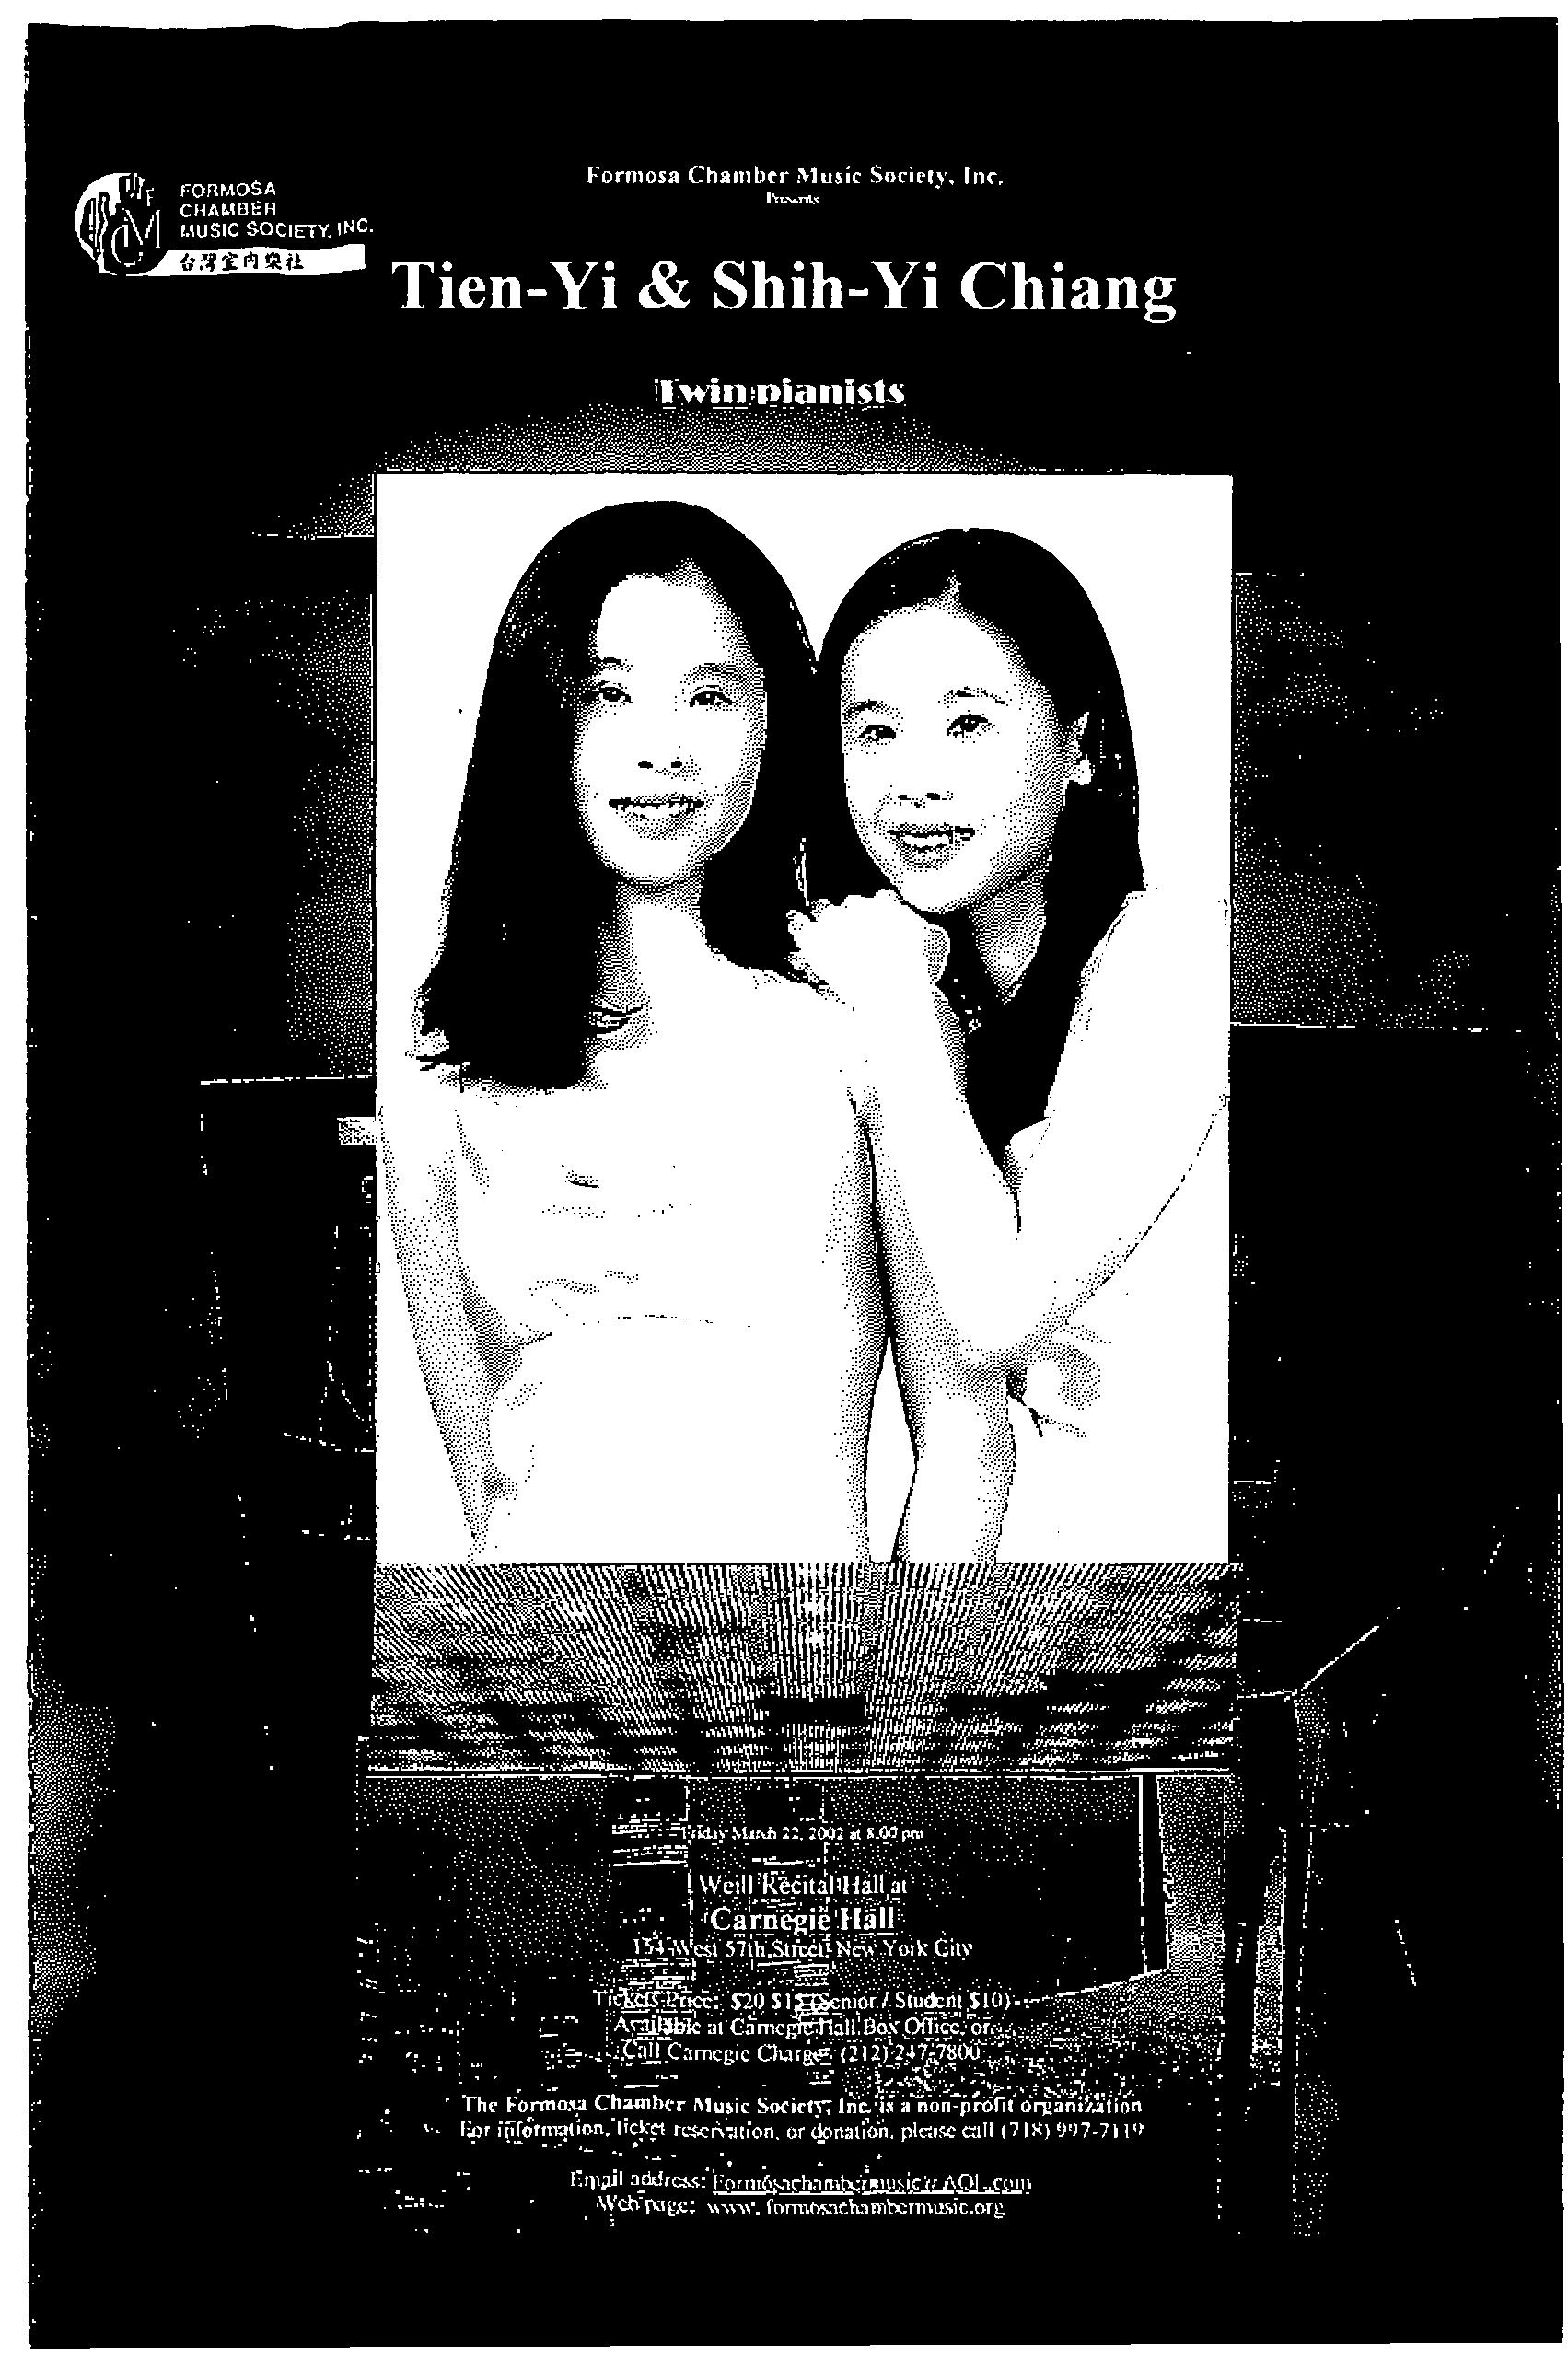 157. Formosan Chamber Music Society/Tien-Yi & Shih-Yi Chiang Twinpianists/3/22/2002